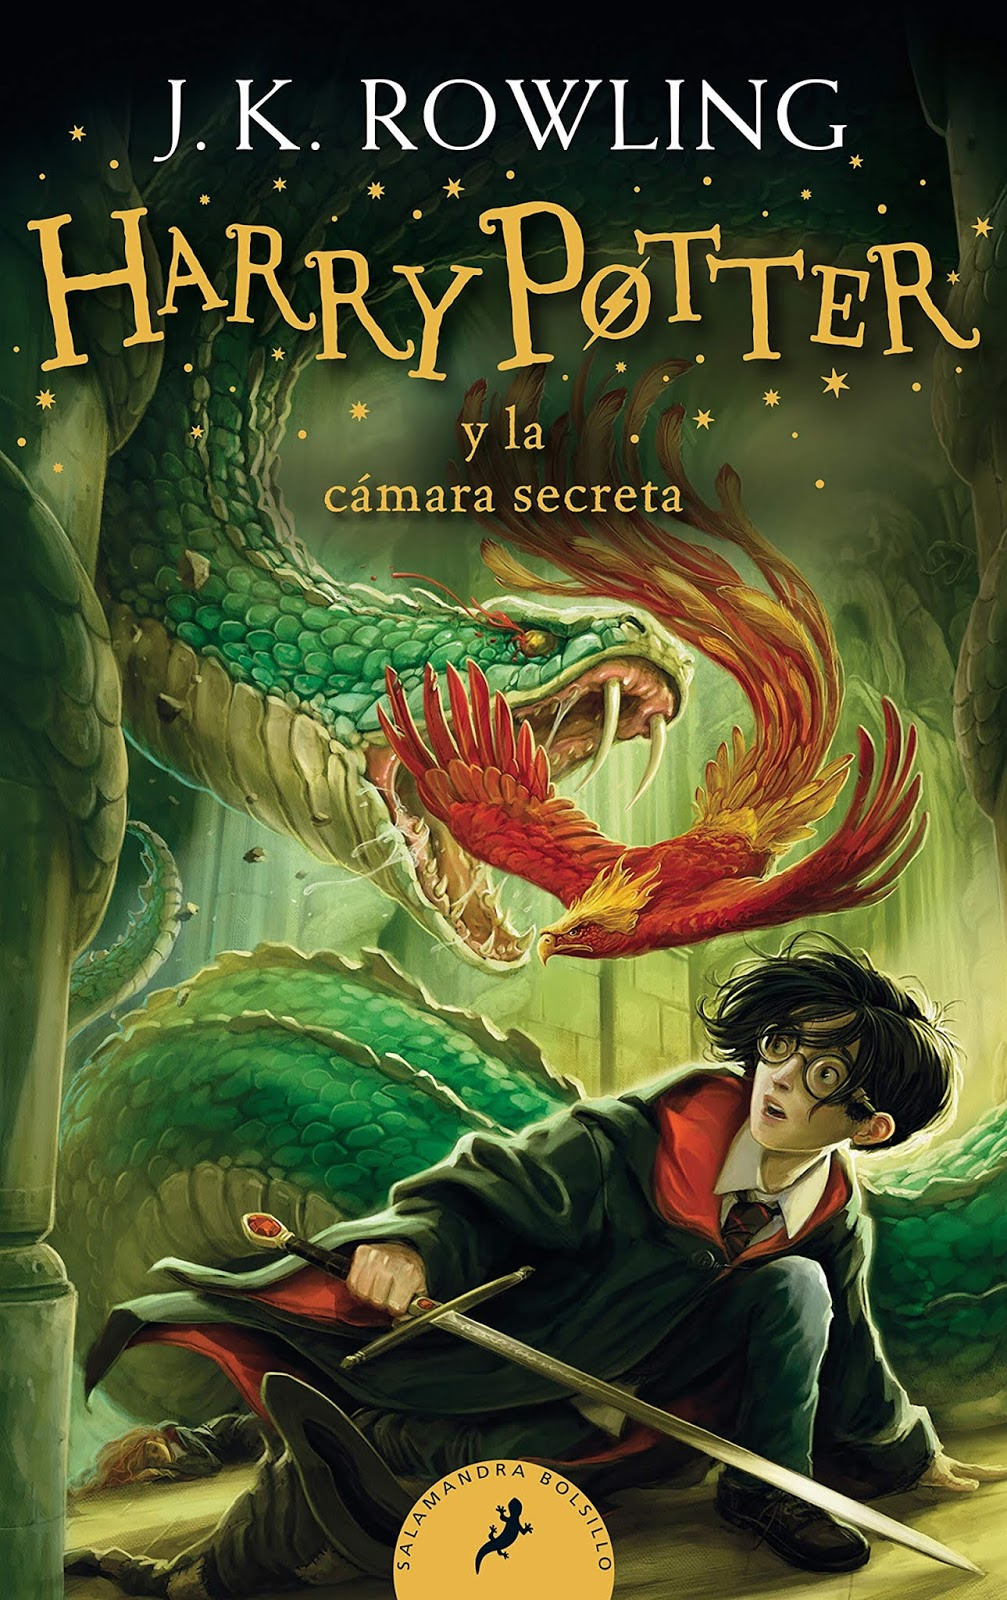 La Estanteria de los Libros: Saga Harry Potter en Edición